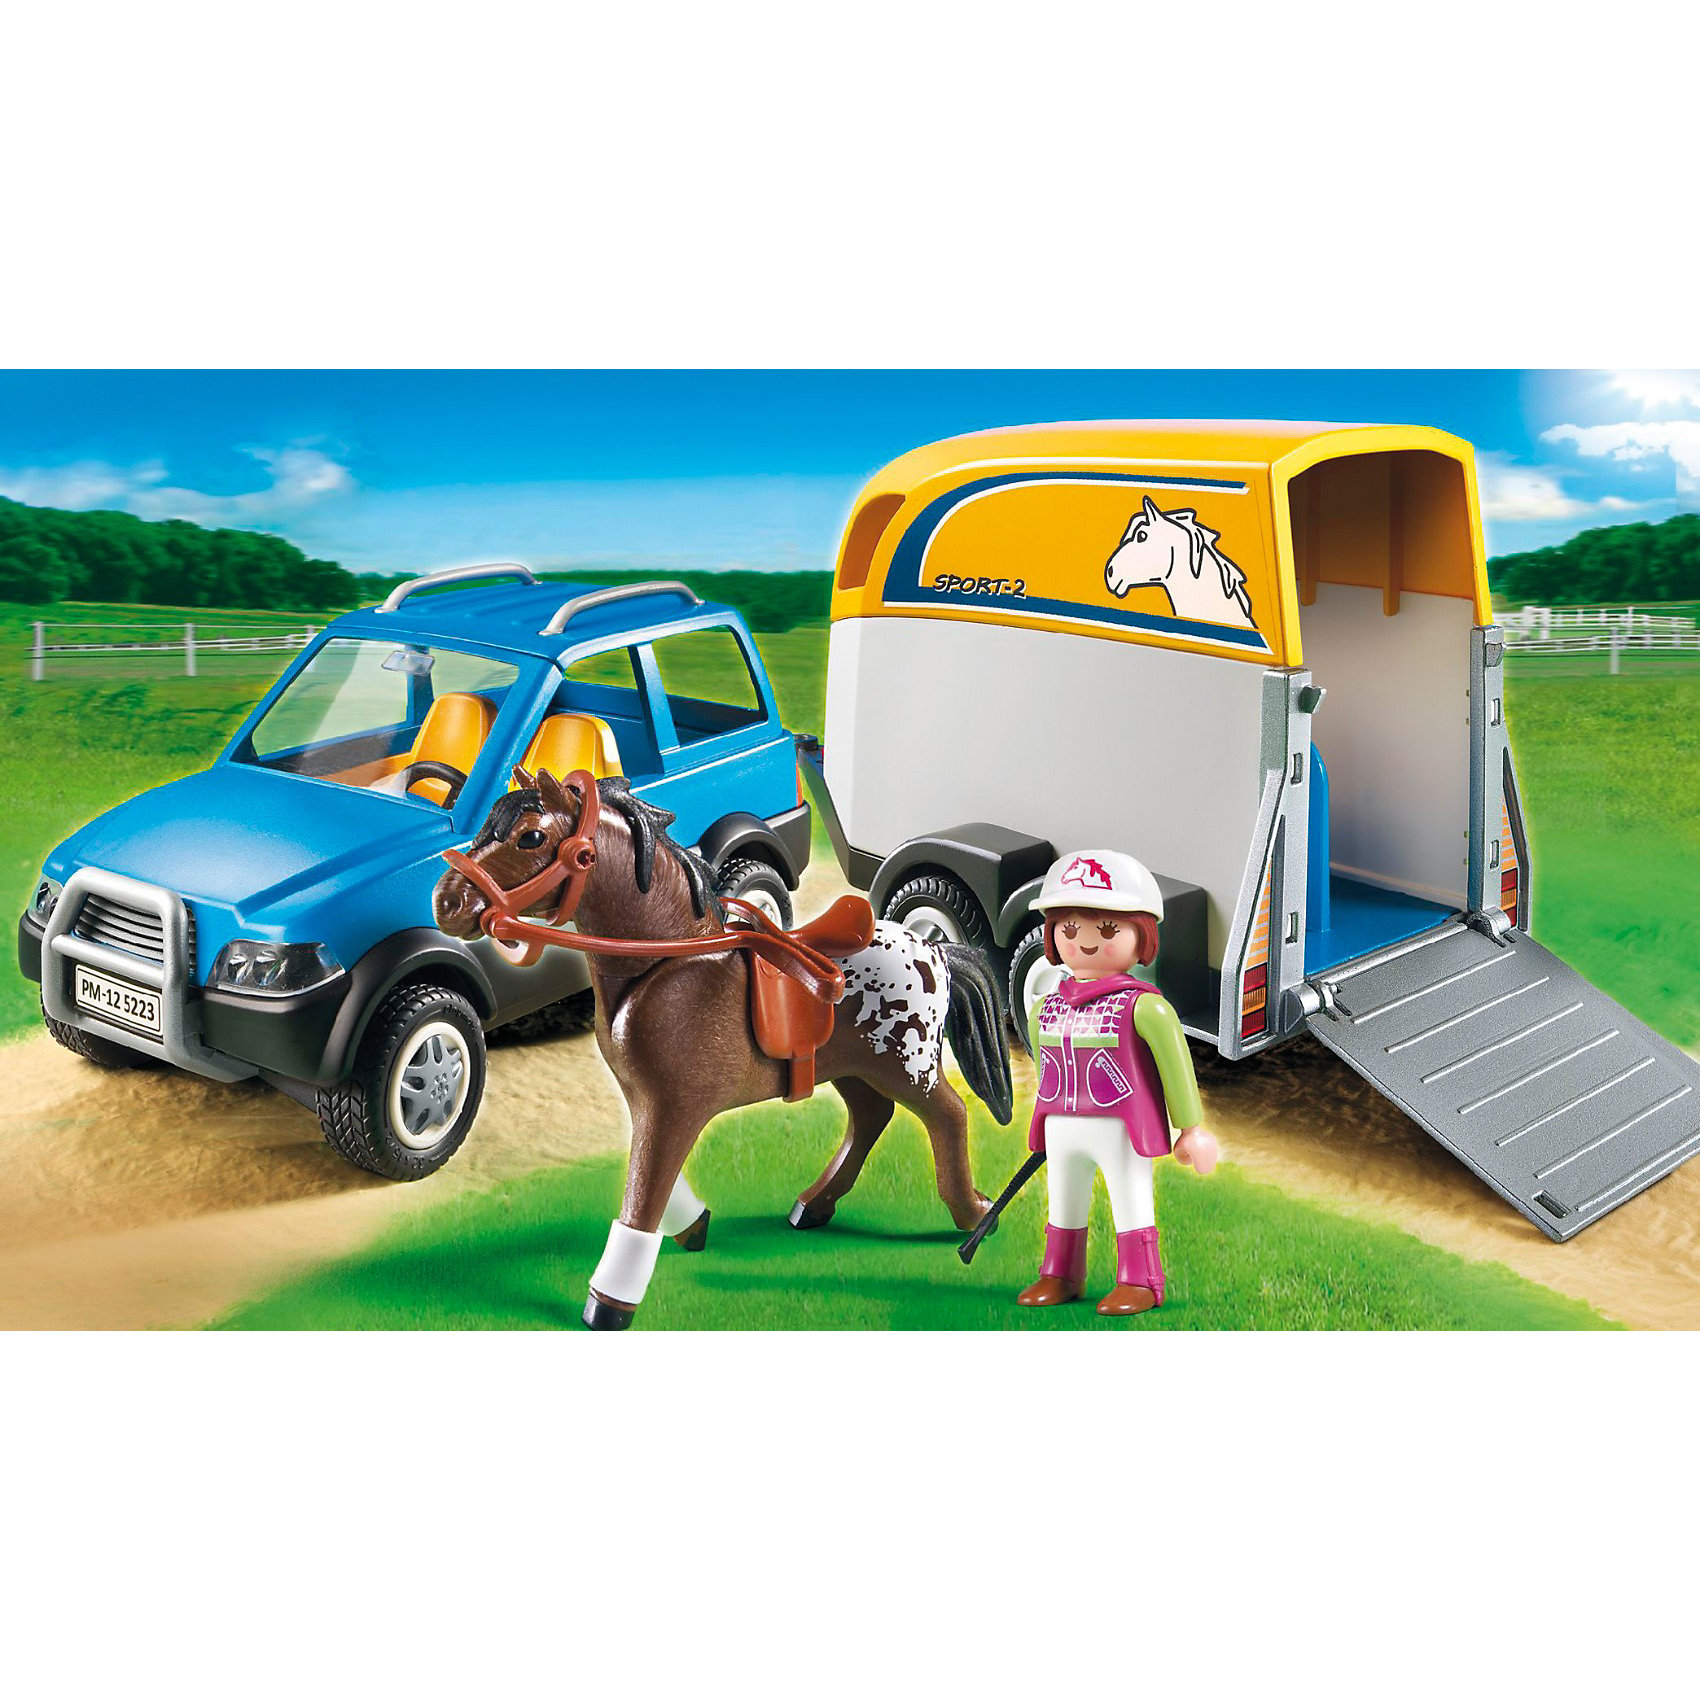 PLAYMOBIL® PLAYMOBIL 5223 Лошади: Джип с трейлером для перевозки лошадей tomy прицеп для перевозки лошадей с лошадью и жеребенком с 3 лет